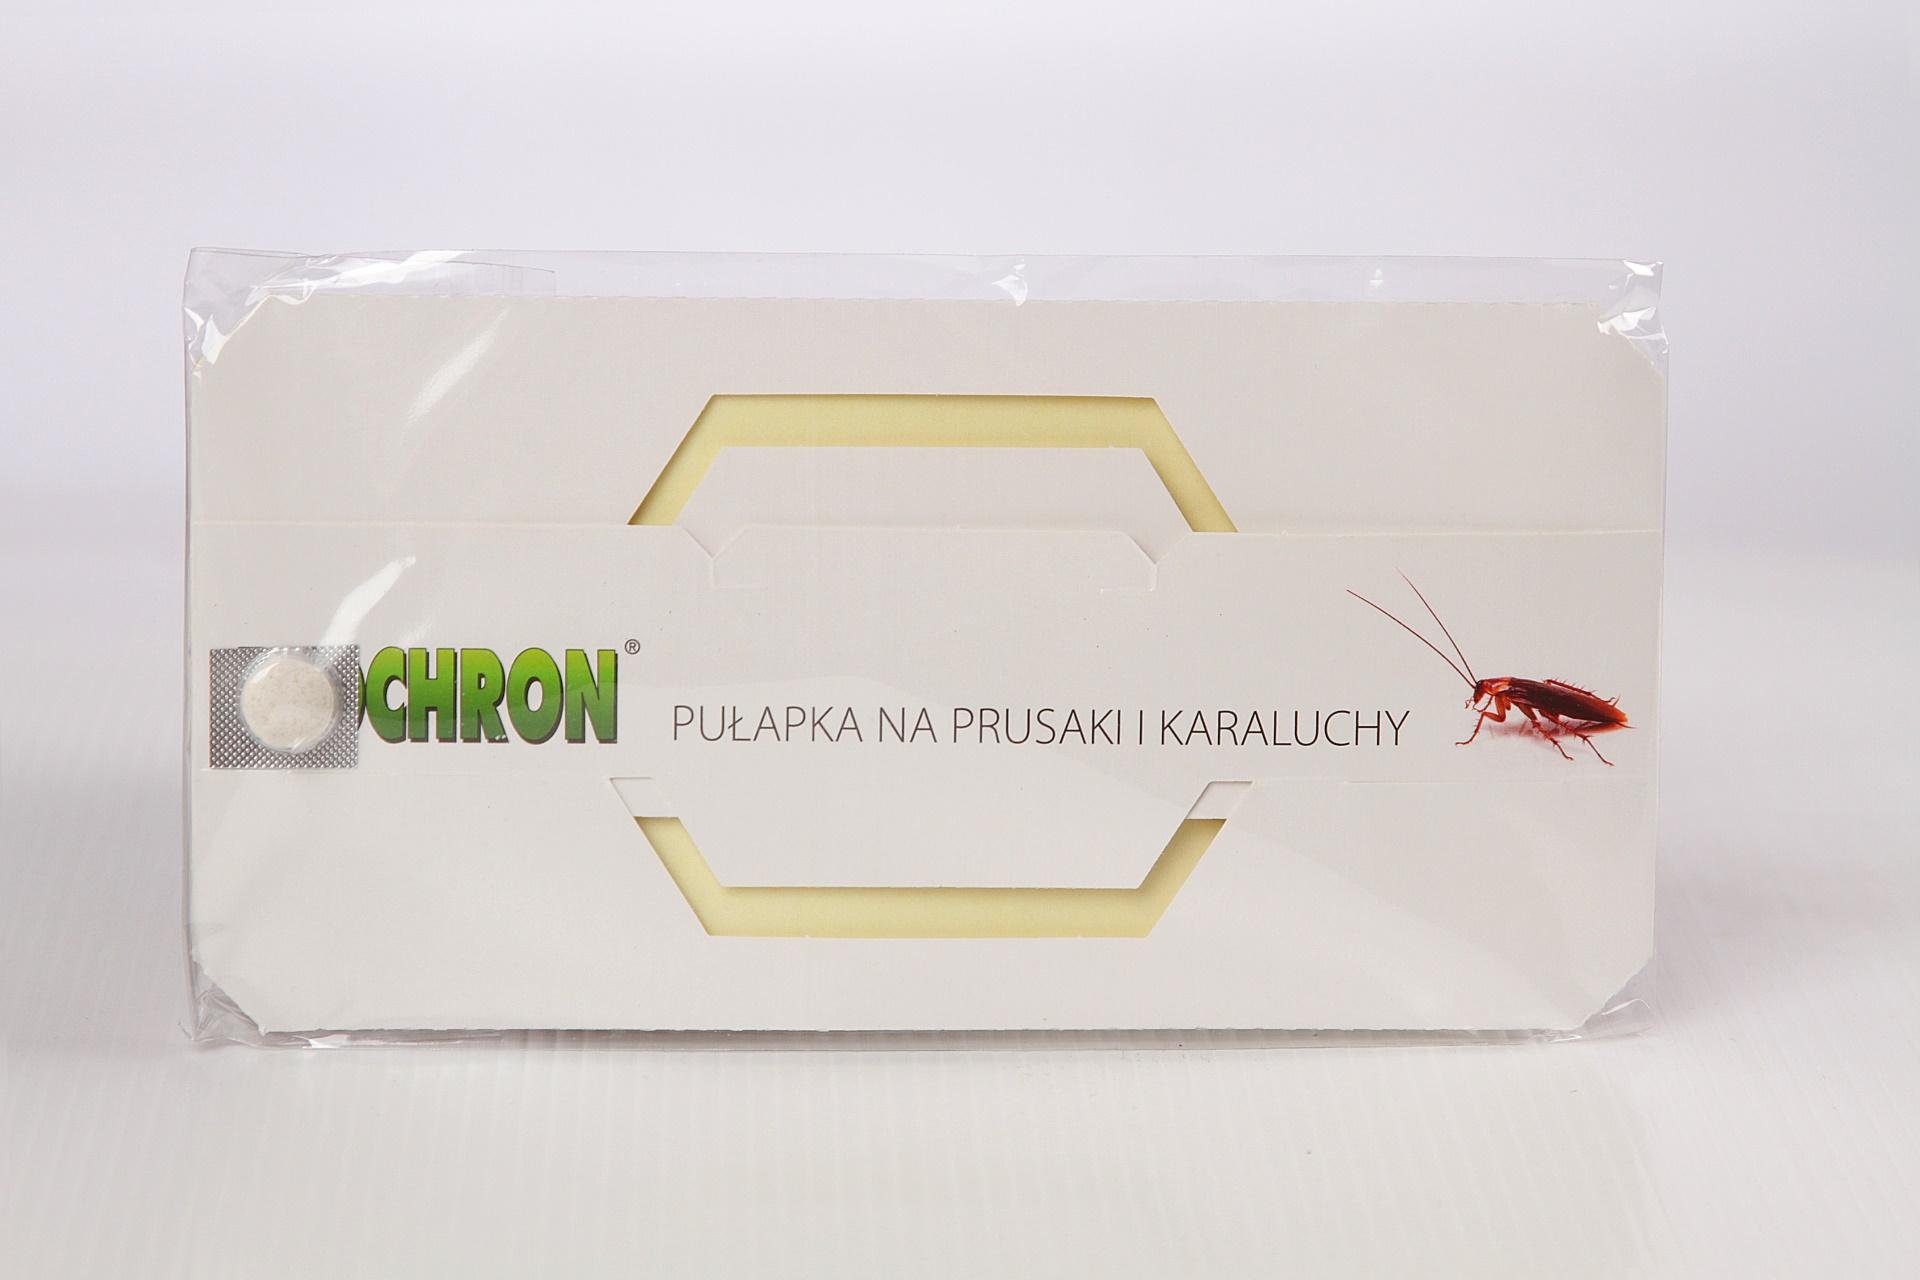 pułapka na prusaki i karaluchy zdjęcie 1szt